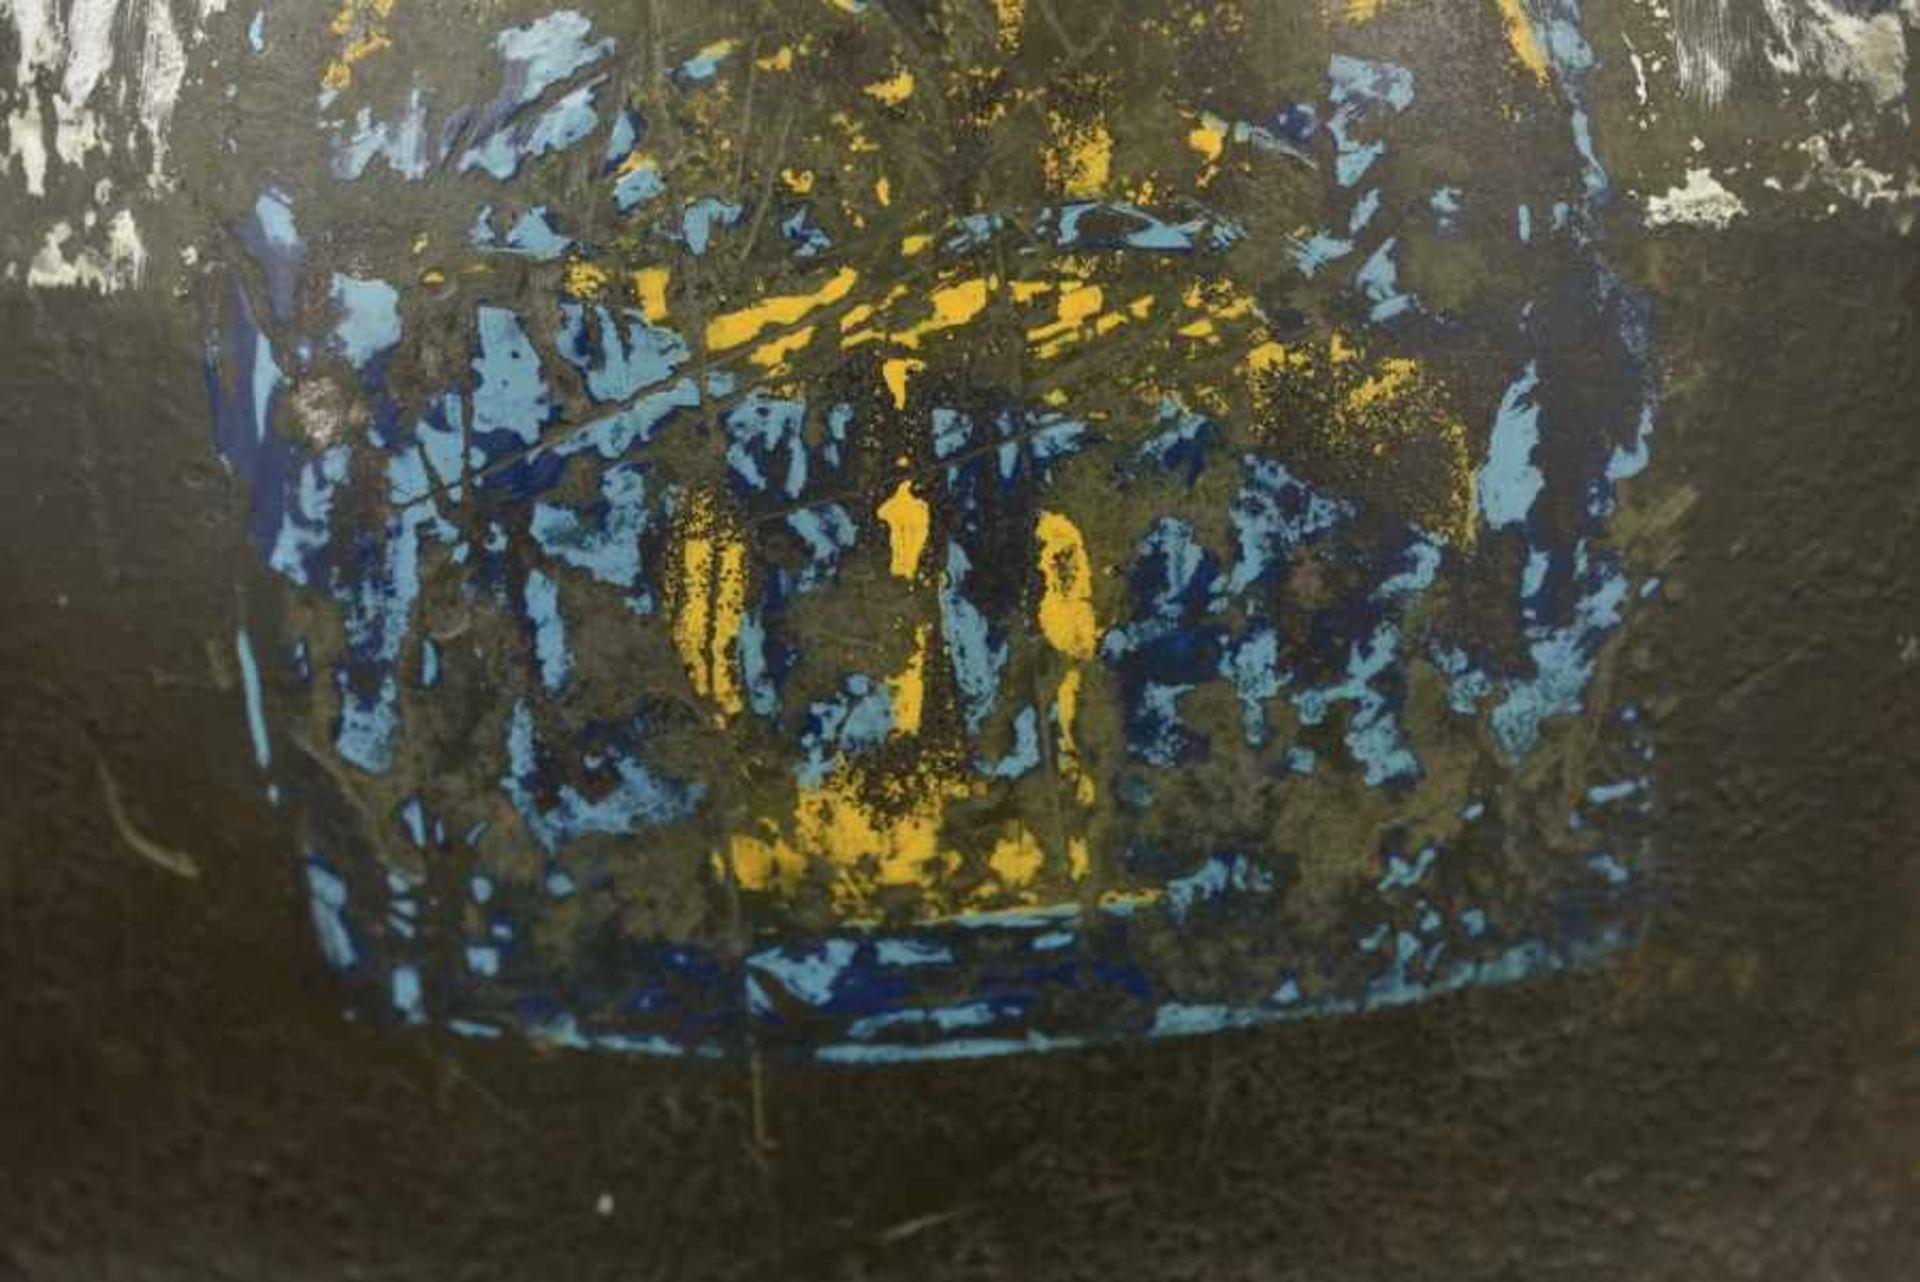 Coque de casque ESB. ESB helmet shellCoque de casque USM1, fermeture du jonc à l'avant, numéro de - Bild 3 aus 4